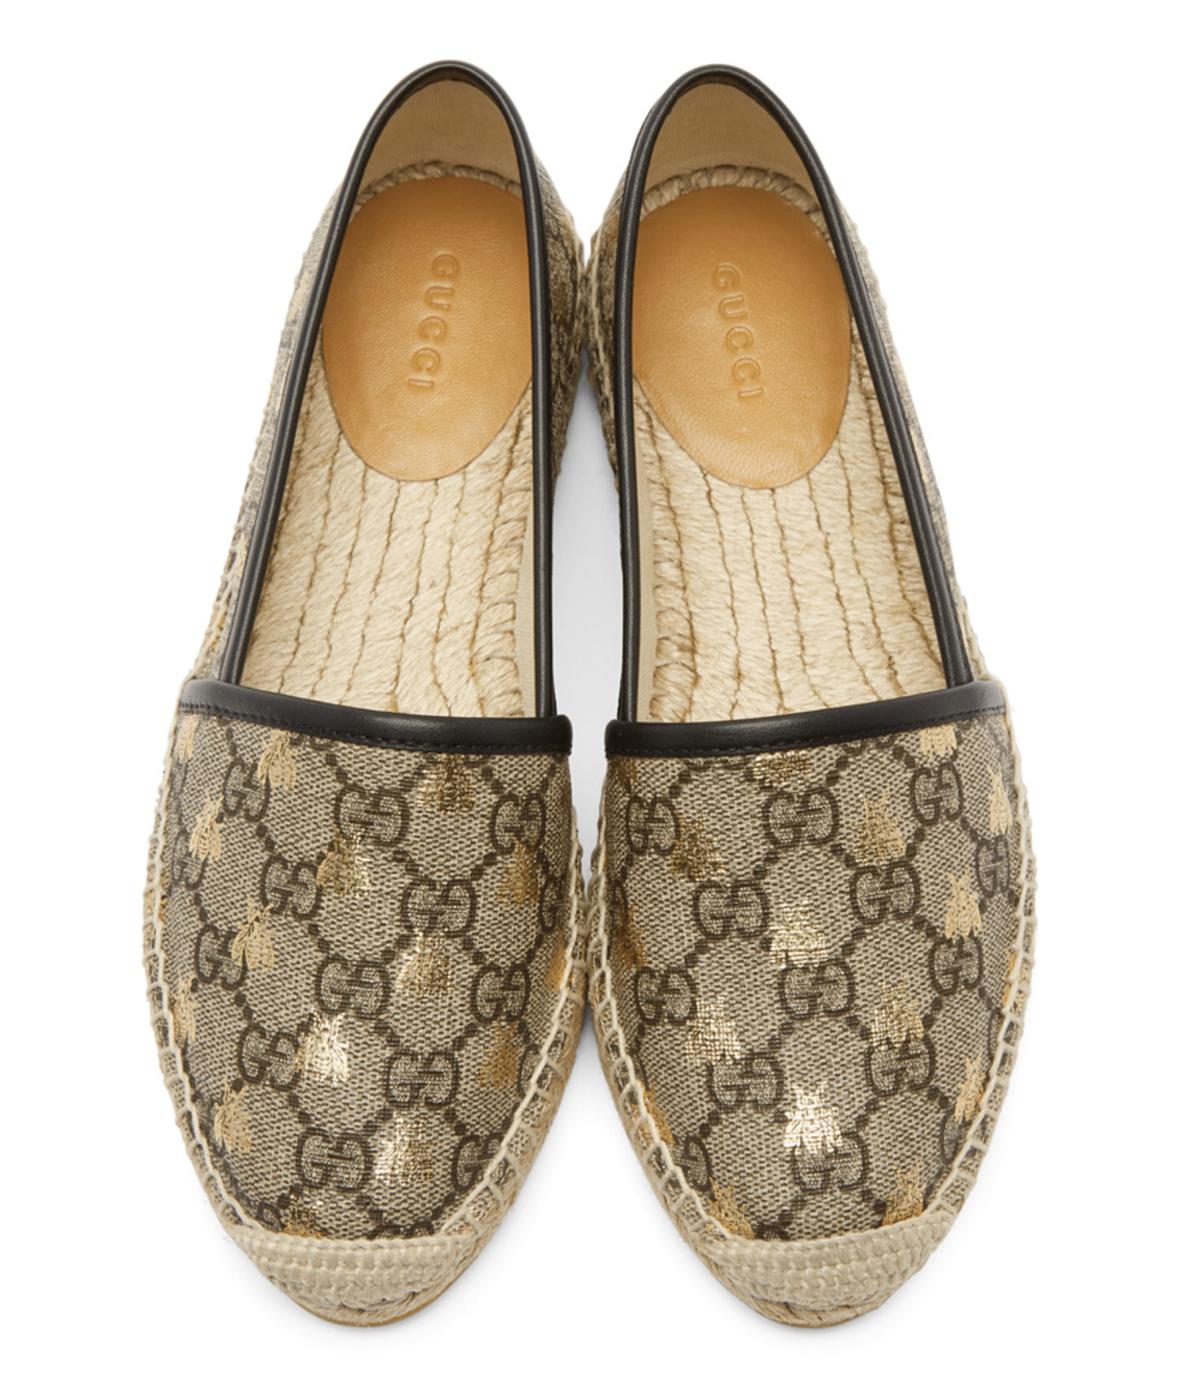 kengät2.png